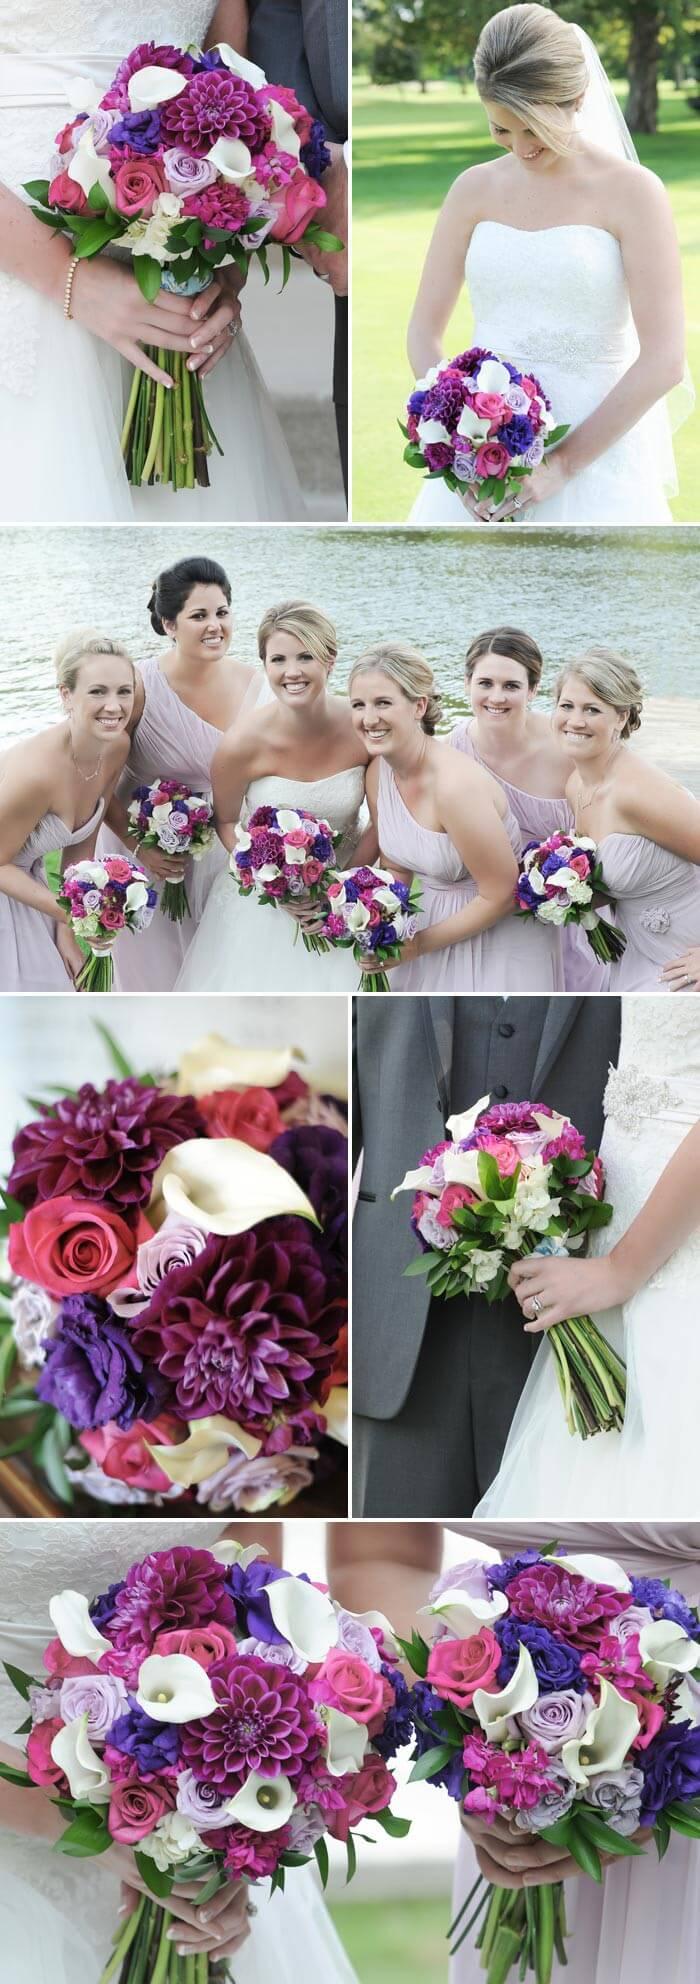 Brautstrauß Beispiele in Lila